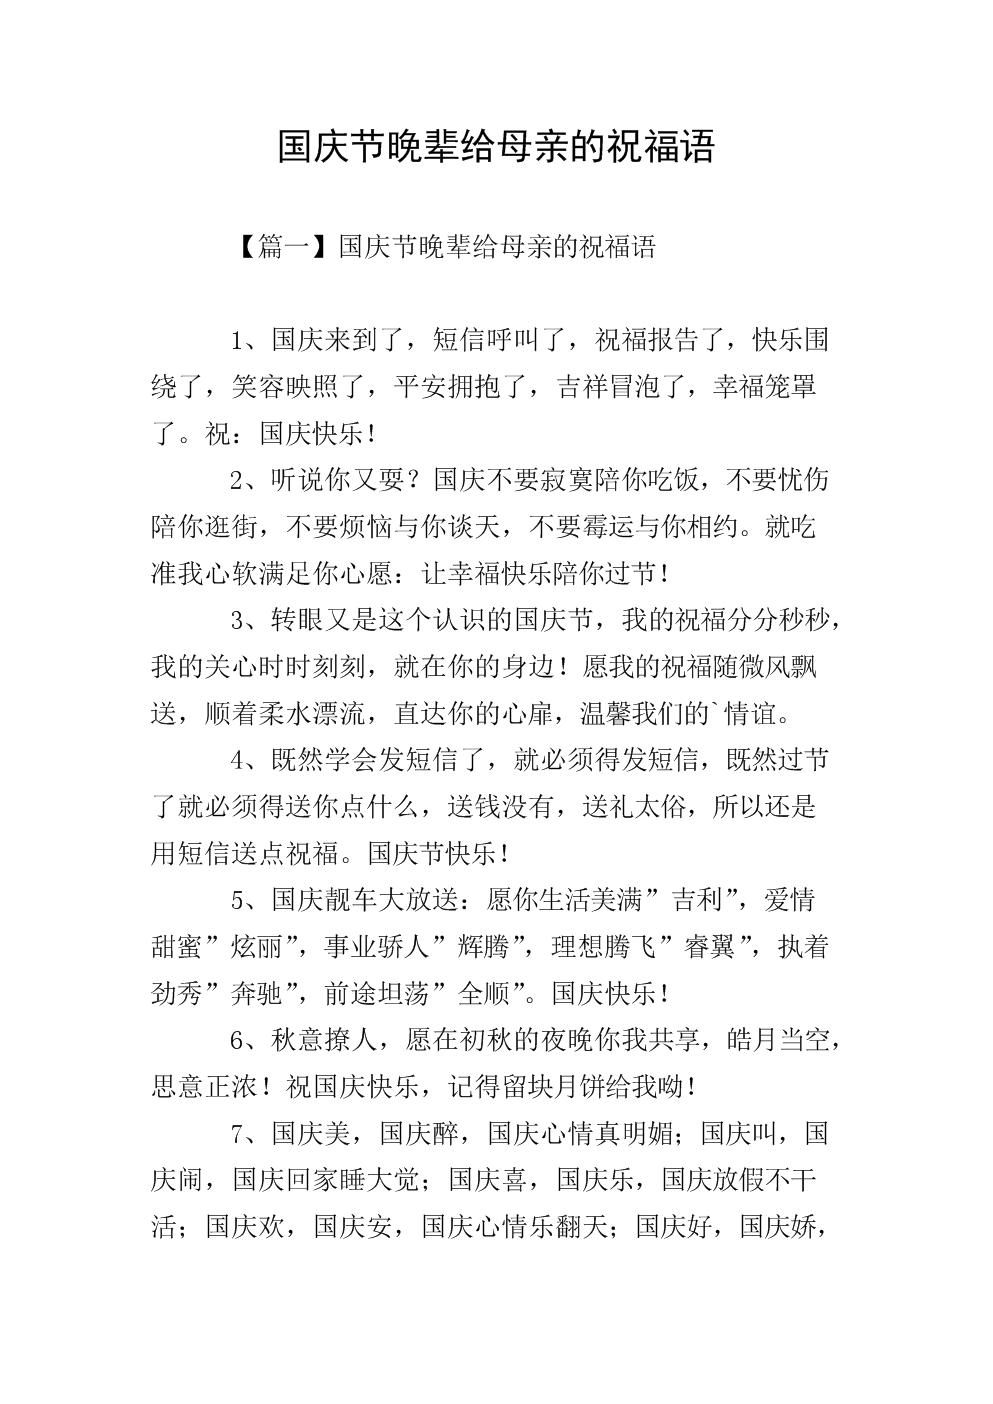 国庆节晚辈给母亲的祝福语.doc